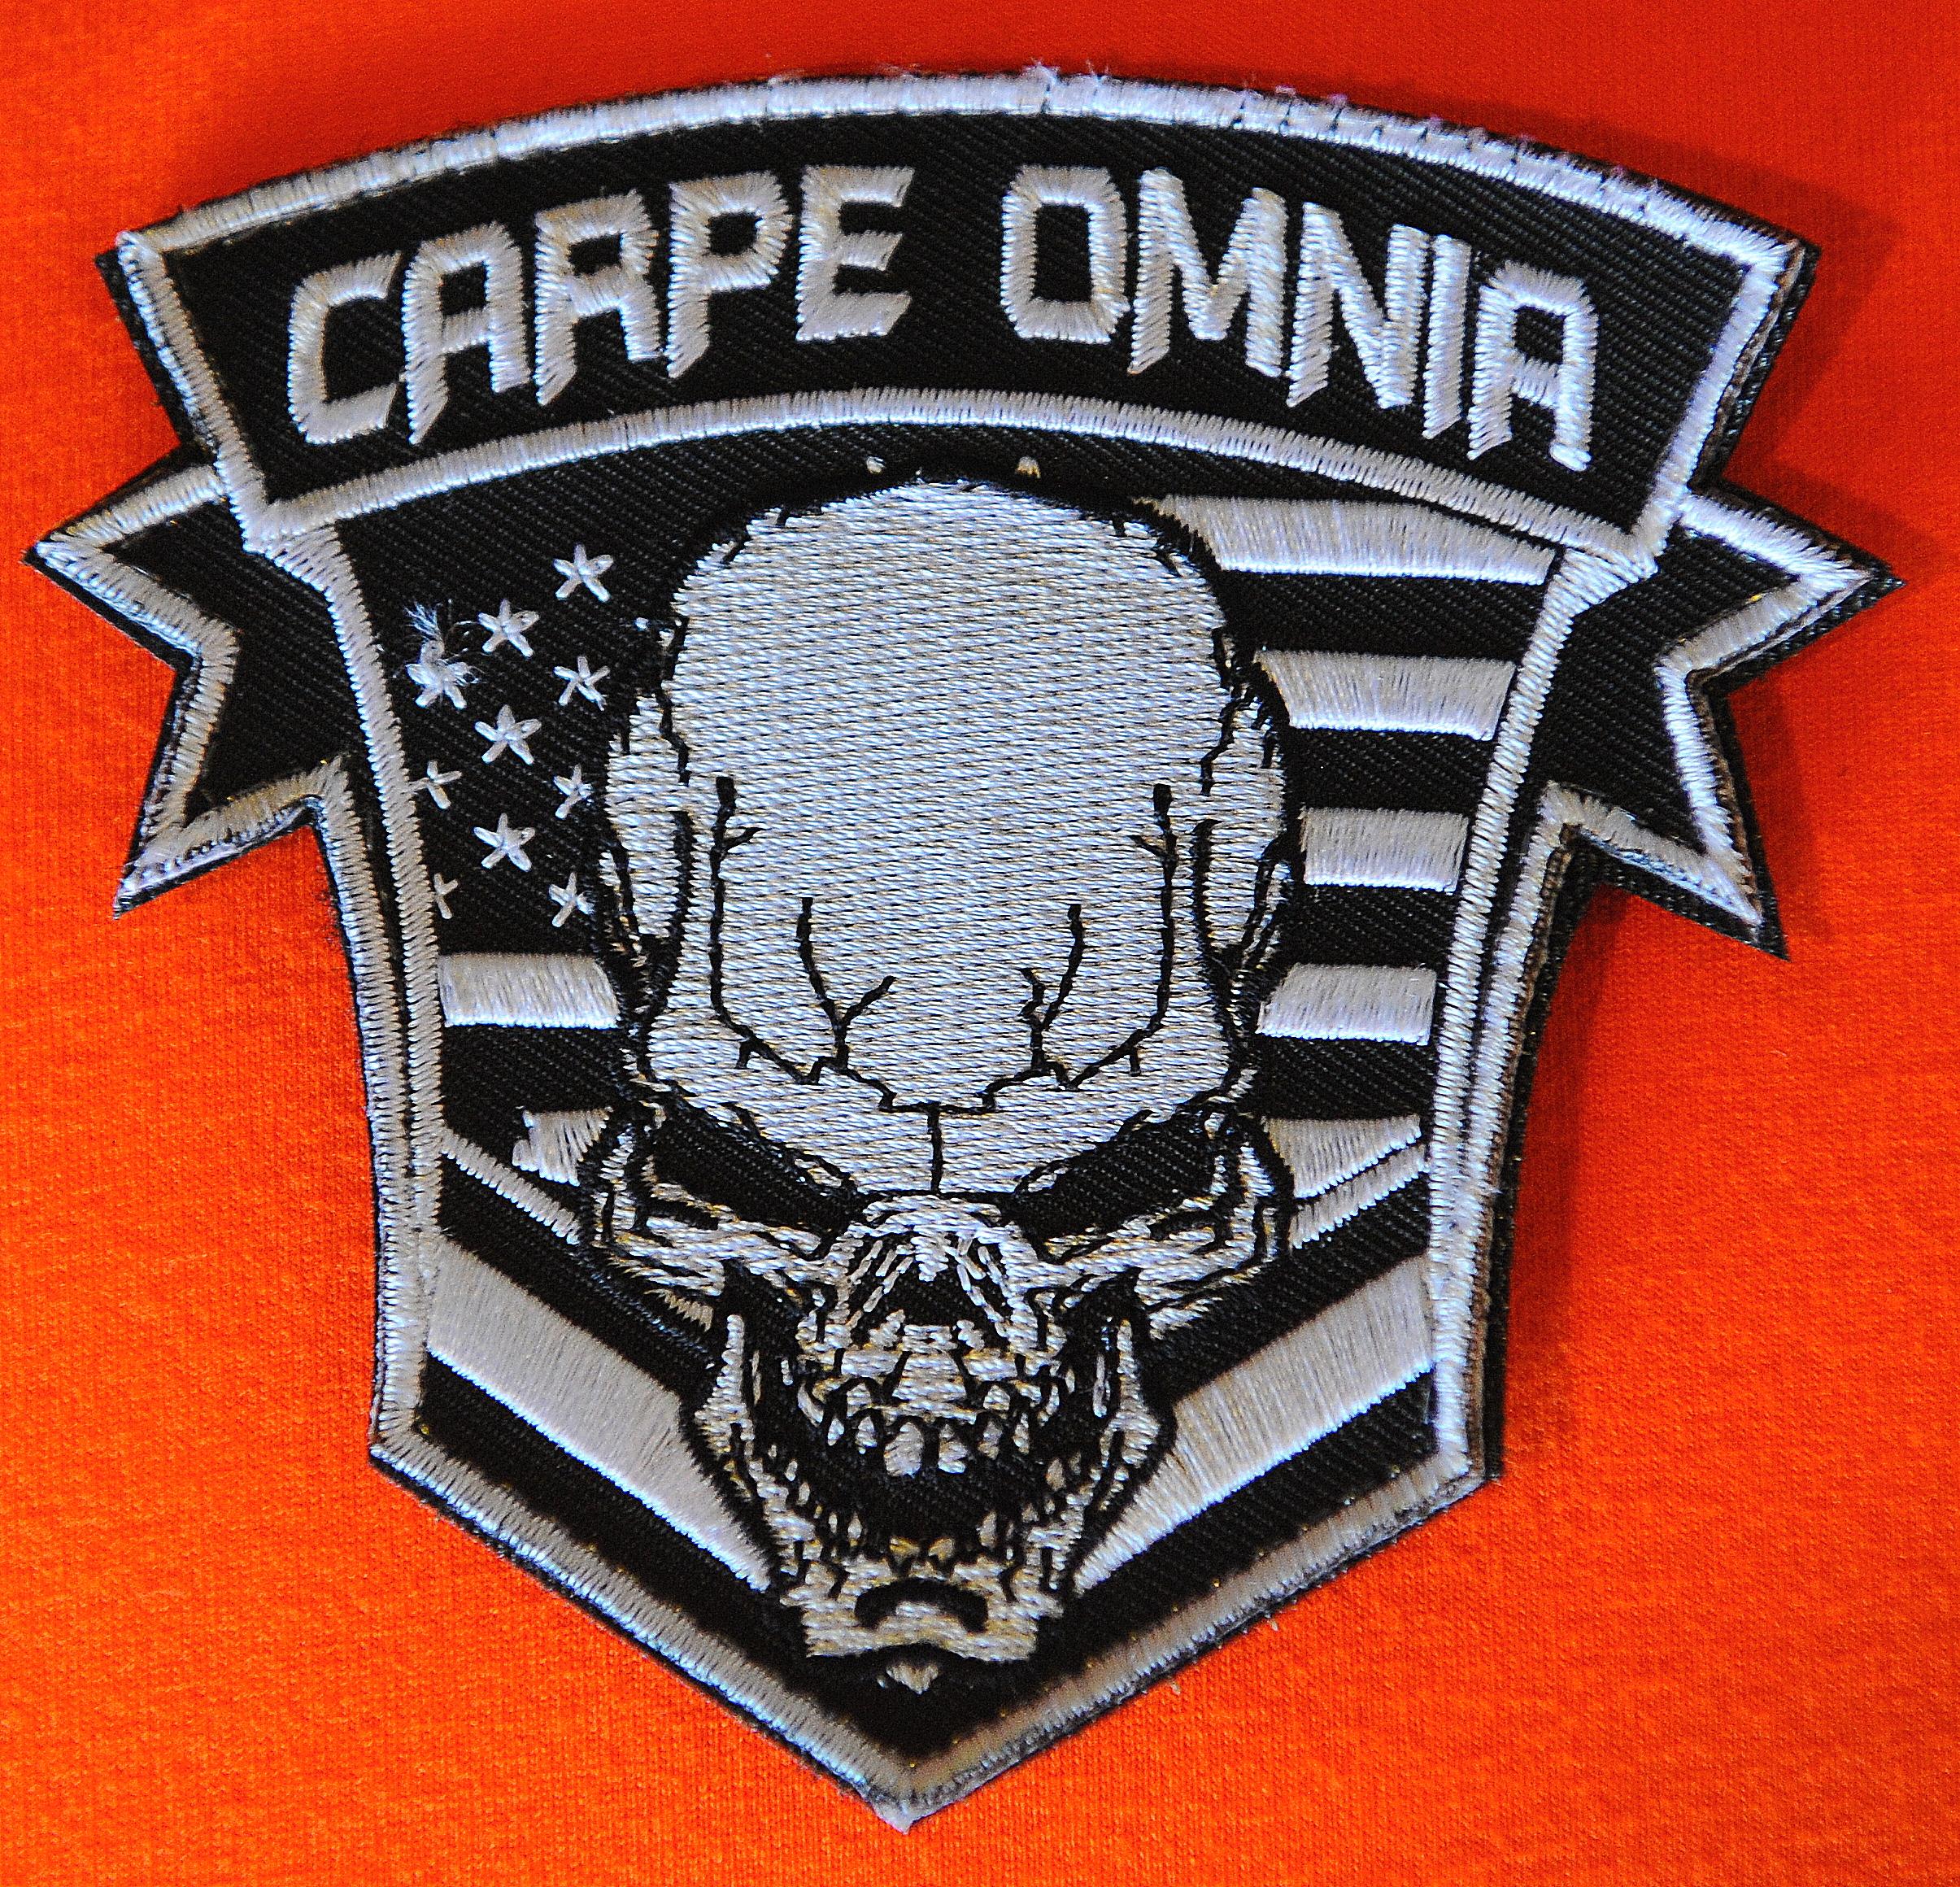 Carpe Omnia Morale Patch Carpe Omnia Design